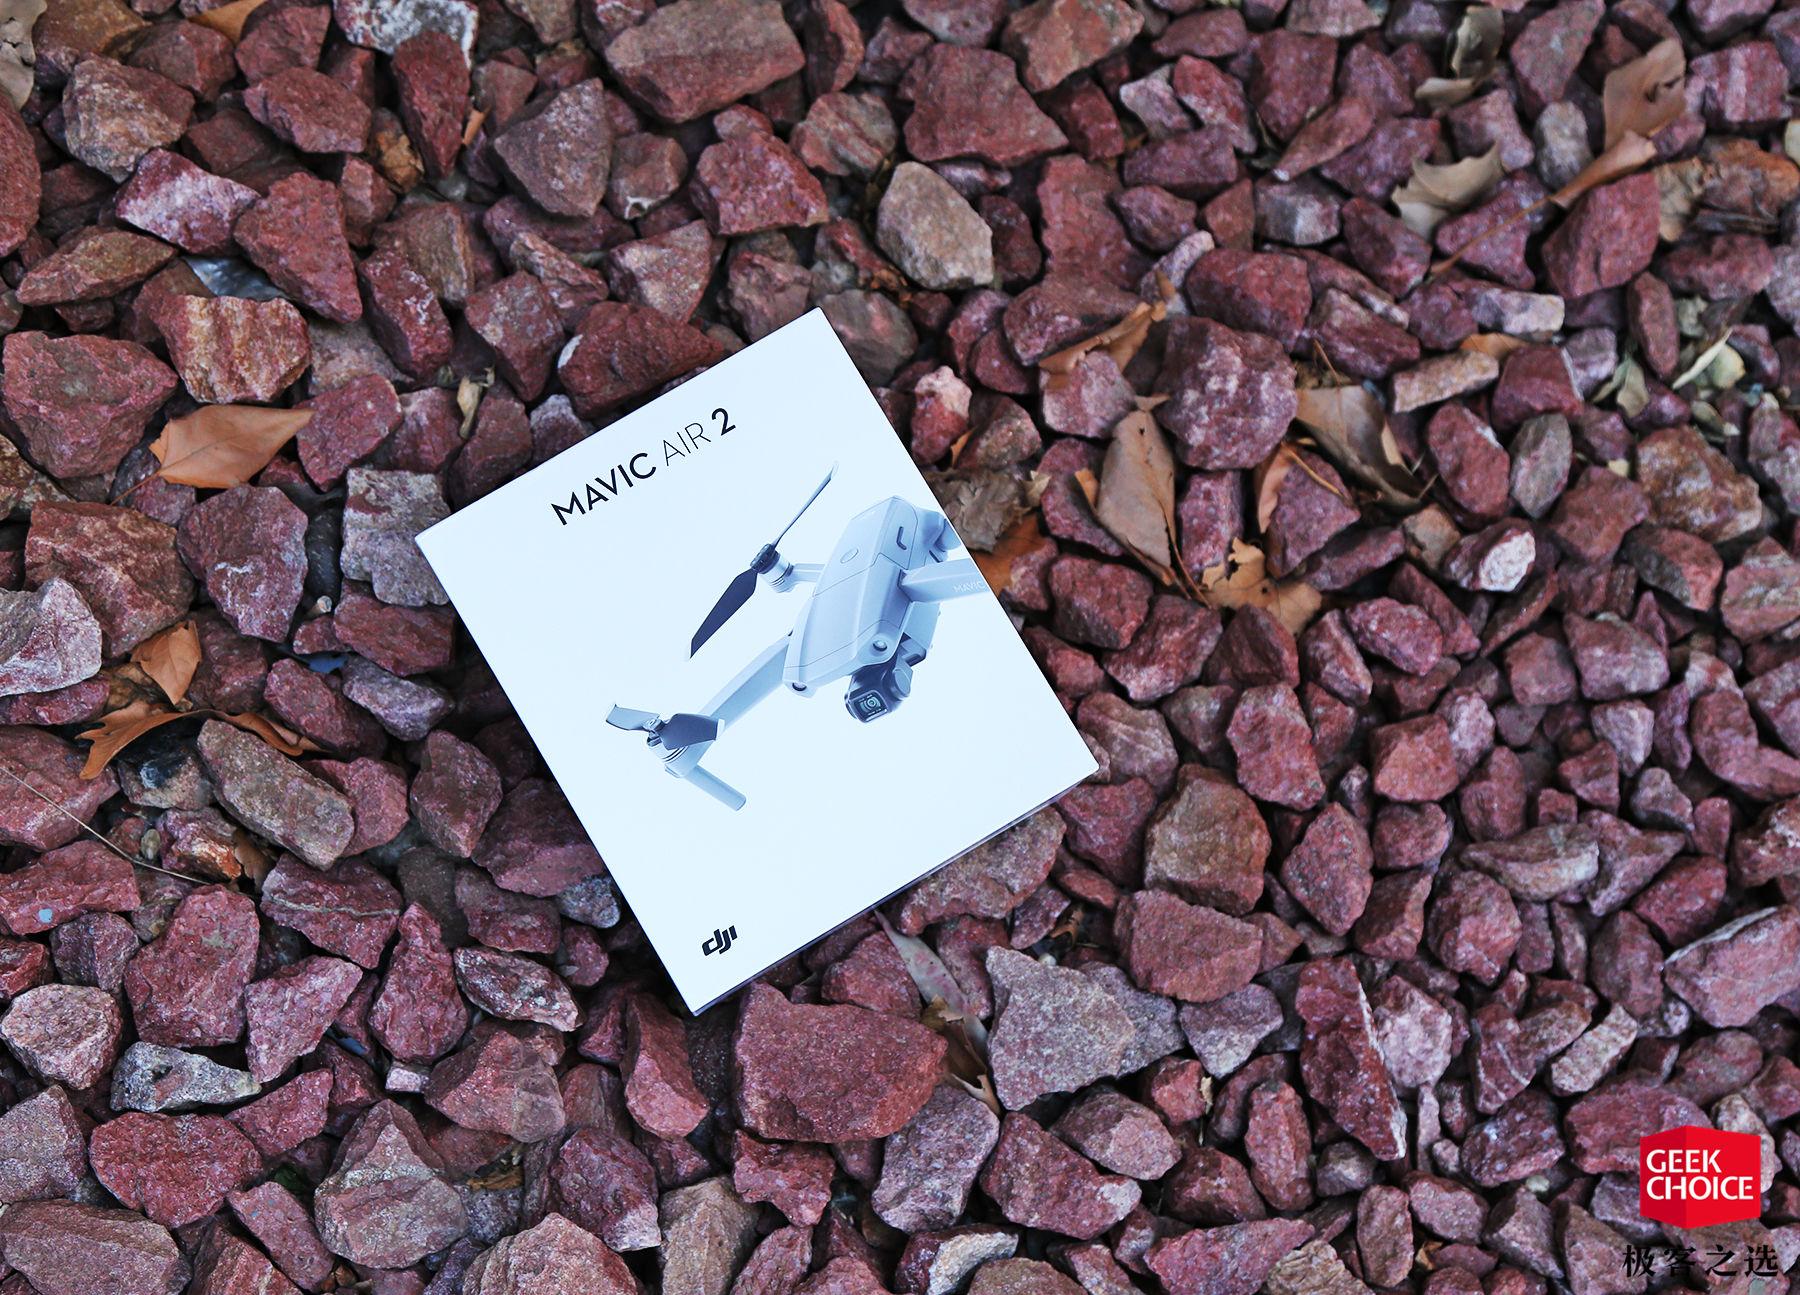 即使是菜鸟,天博体育网这款聪明的无人机也能让你变身航拍老炮 (/) 公司新闻 第2张